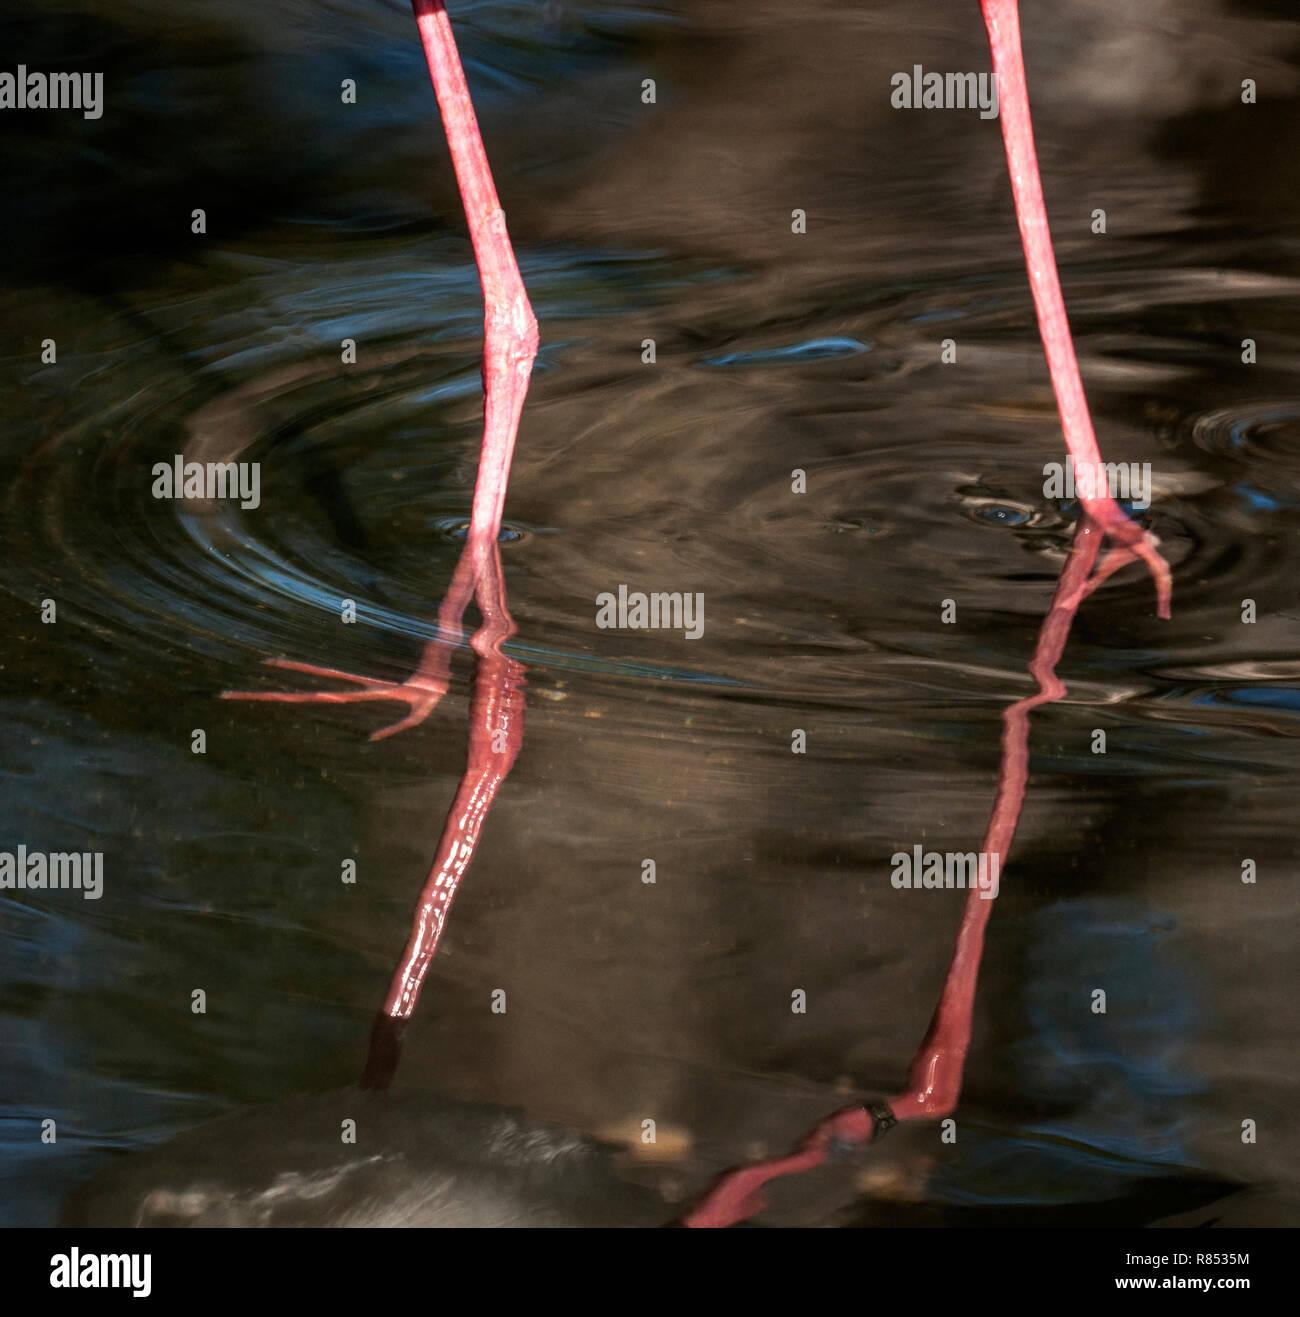 Black-winged Stilt (H.himantopus). Les oiseaux en utilisant les jambes de démontrer à la réfraction de la lumière à l'entrée de l'eau. Photo Stock